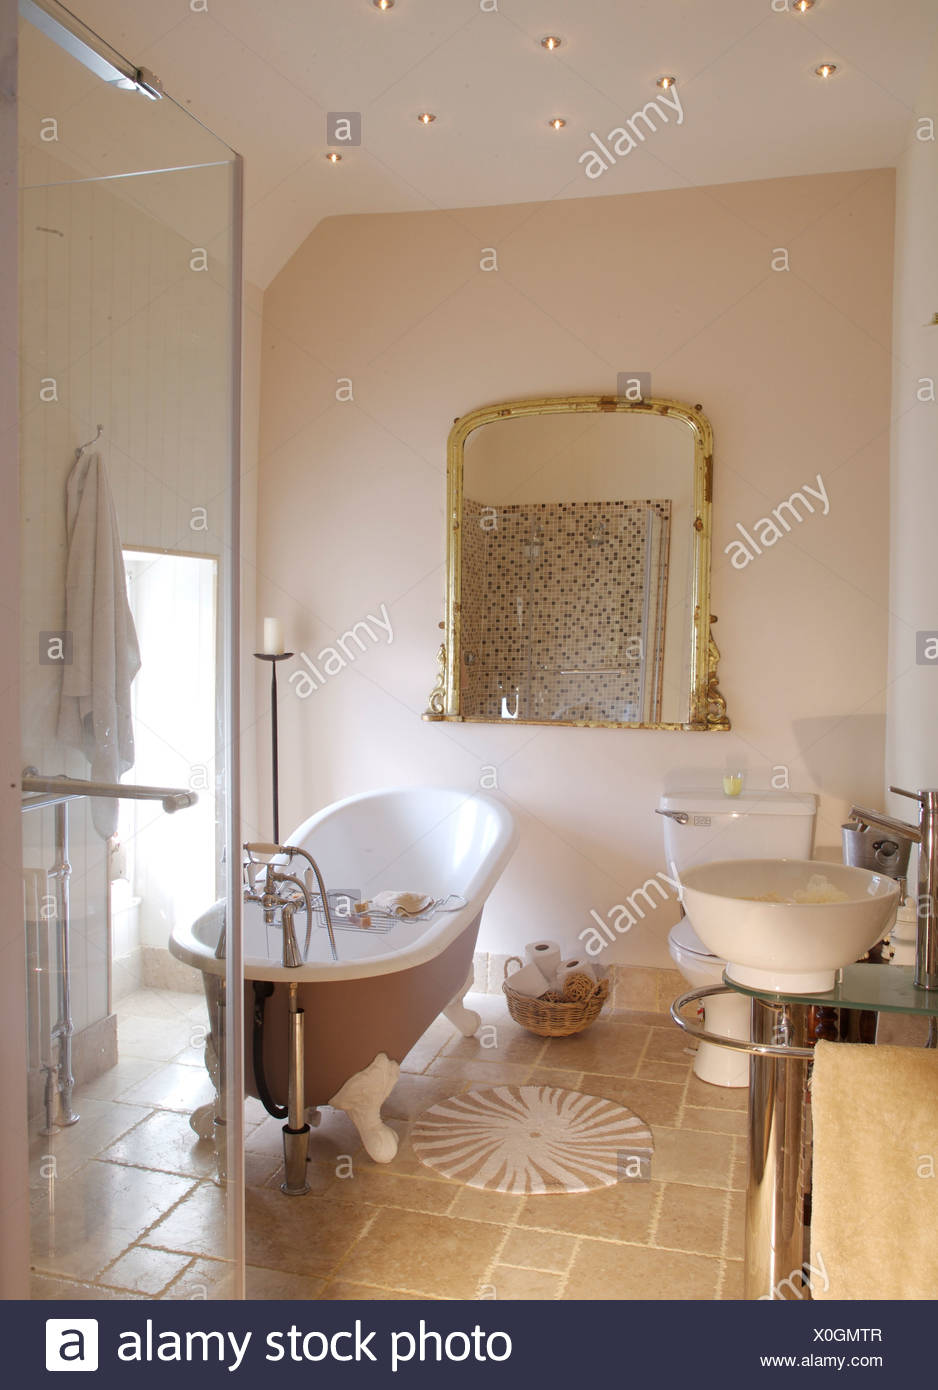 Roll top bagno e grande vetro cabina doccia nel bagno moderno con grande specchio antico e - Spiata nel bagno ...